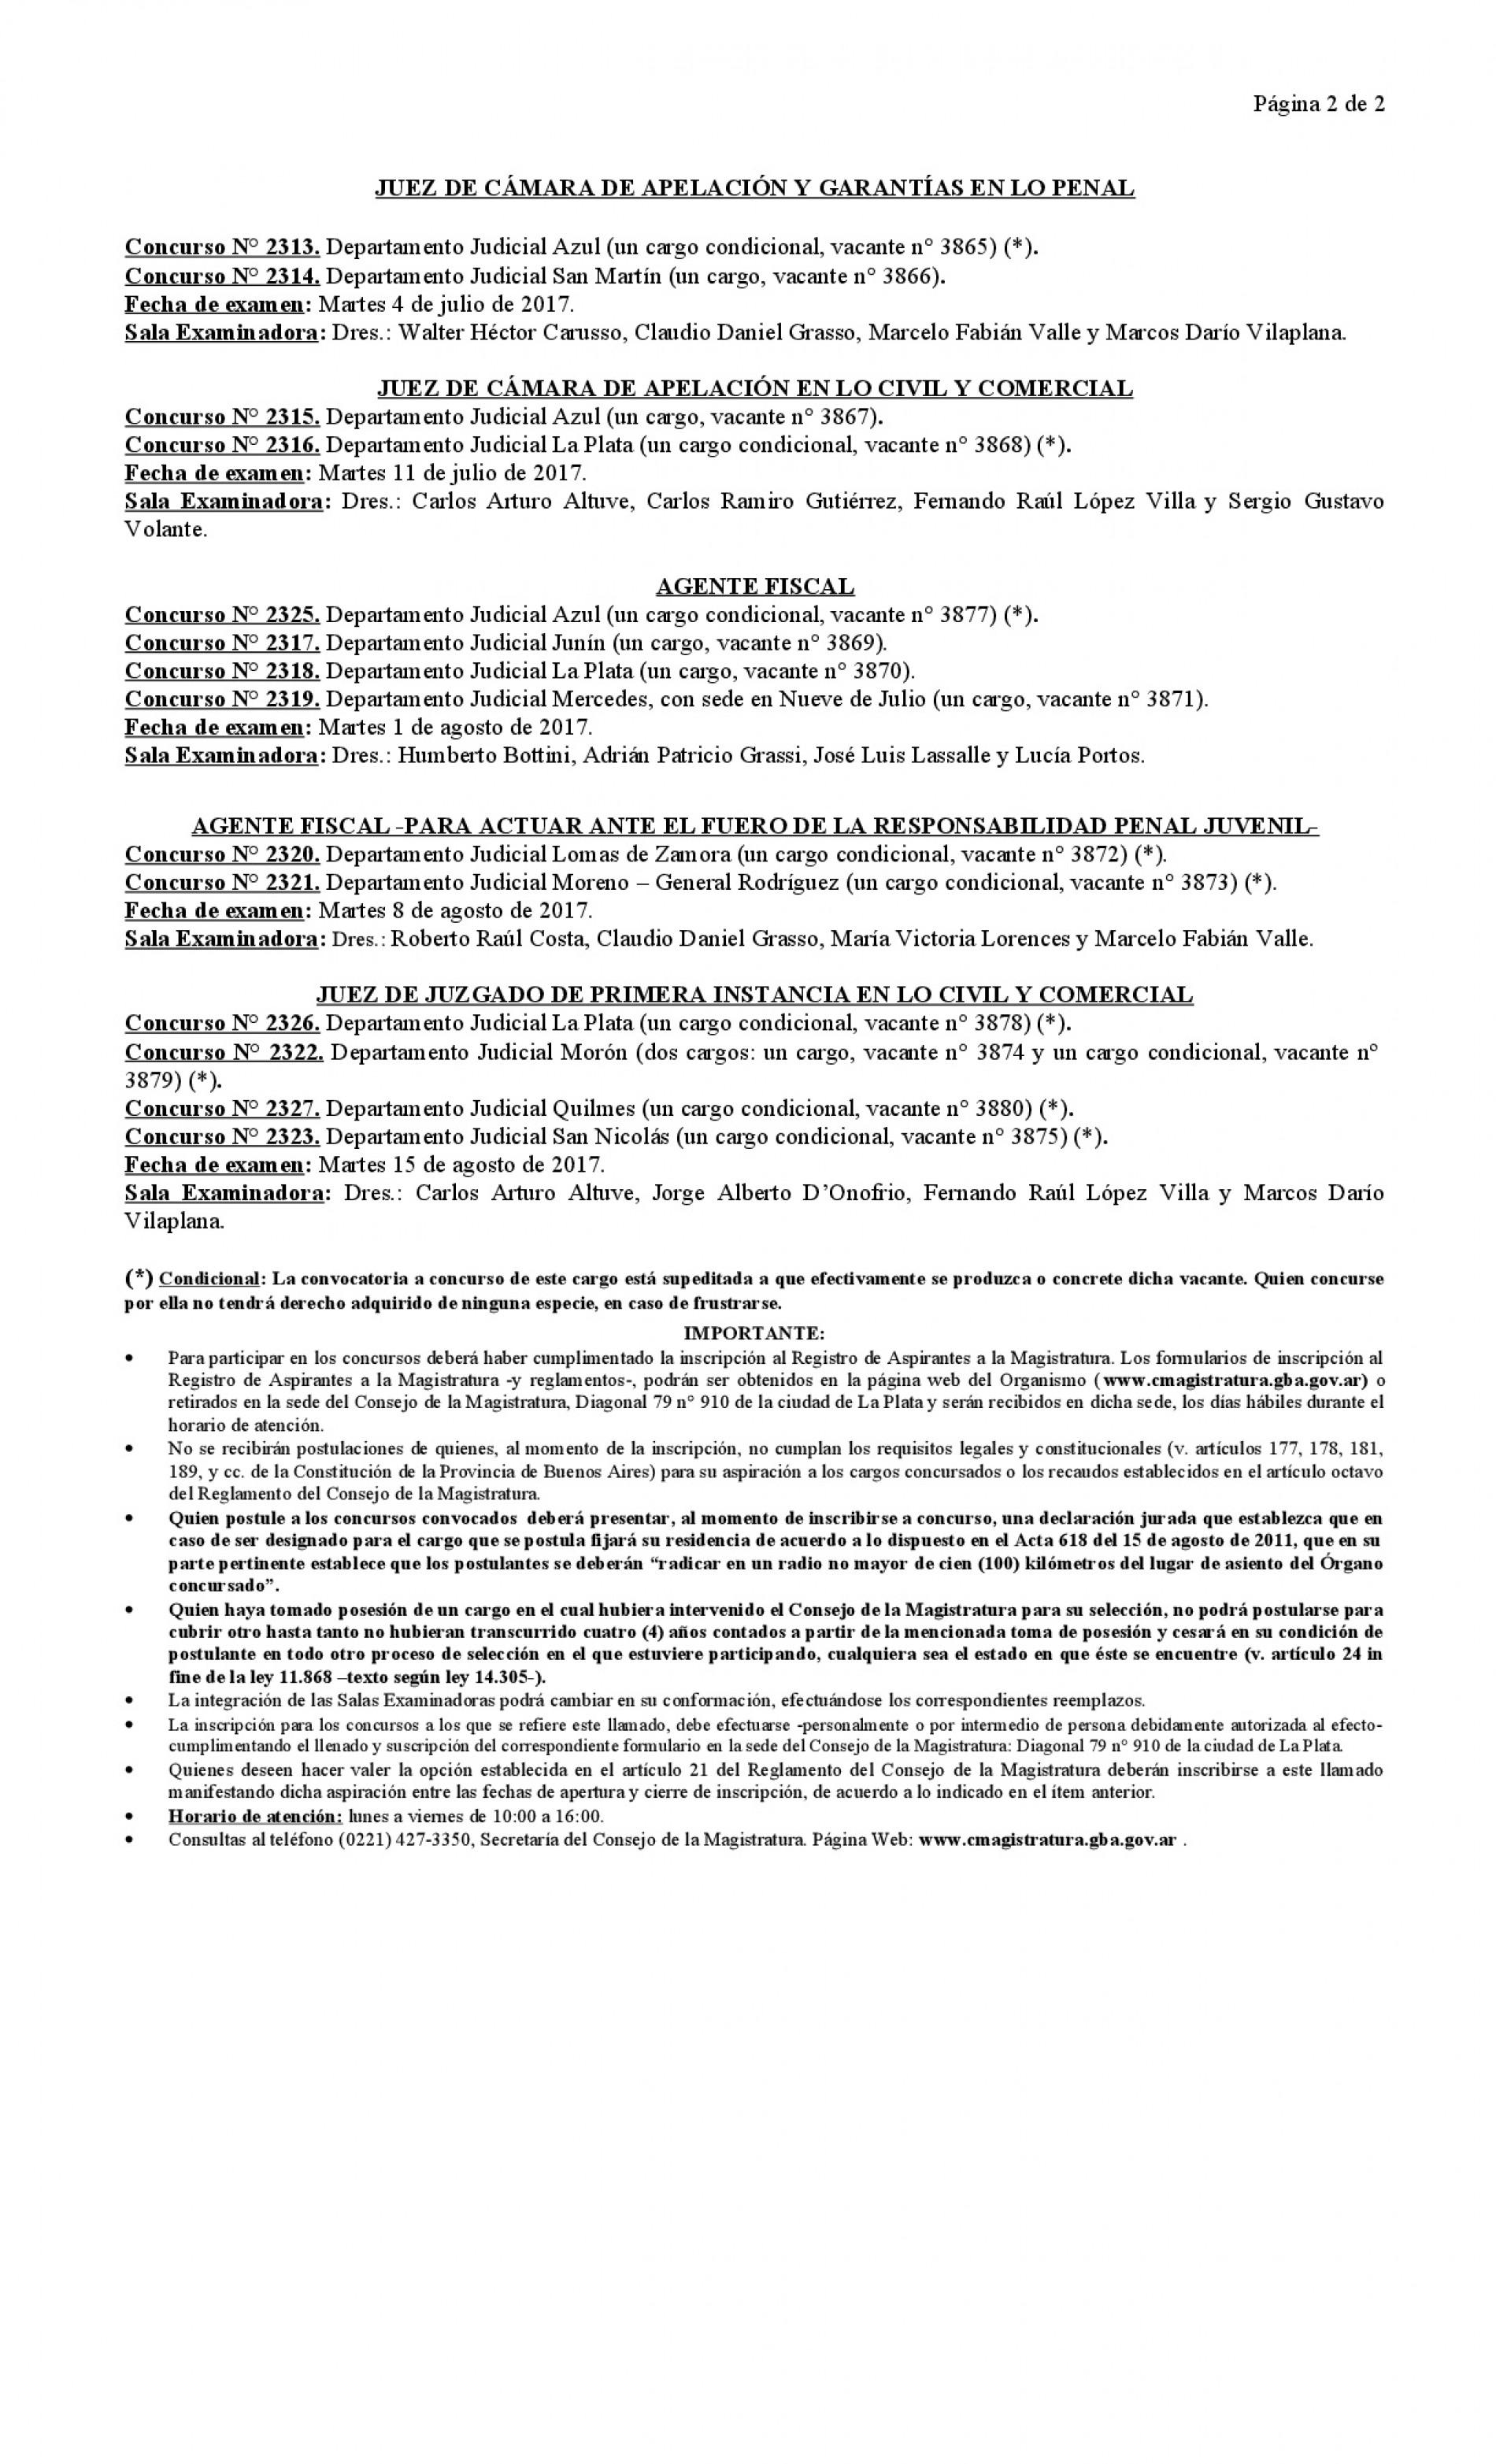 Consejo de la Magistratura Bonaerense: llamado a concurso ( Fe de erratas )